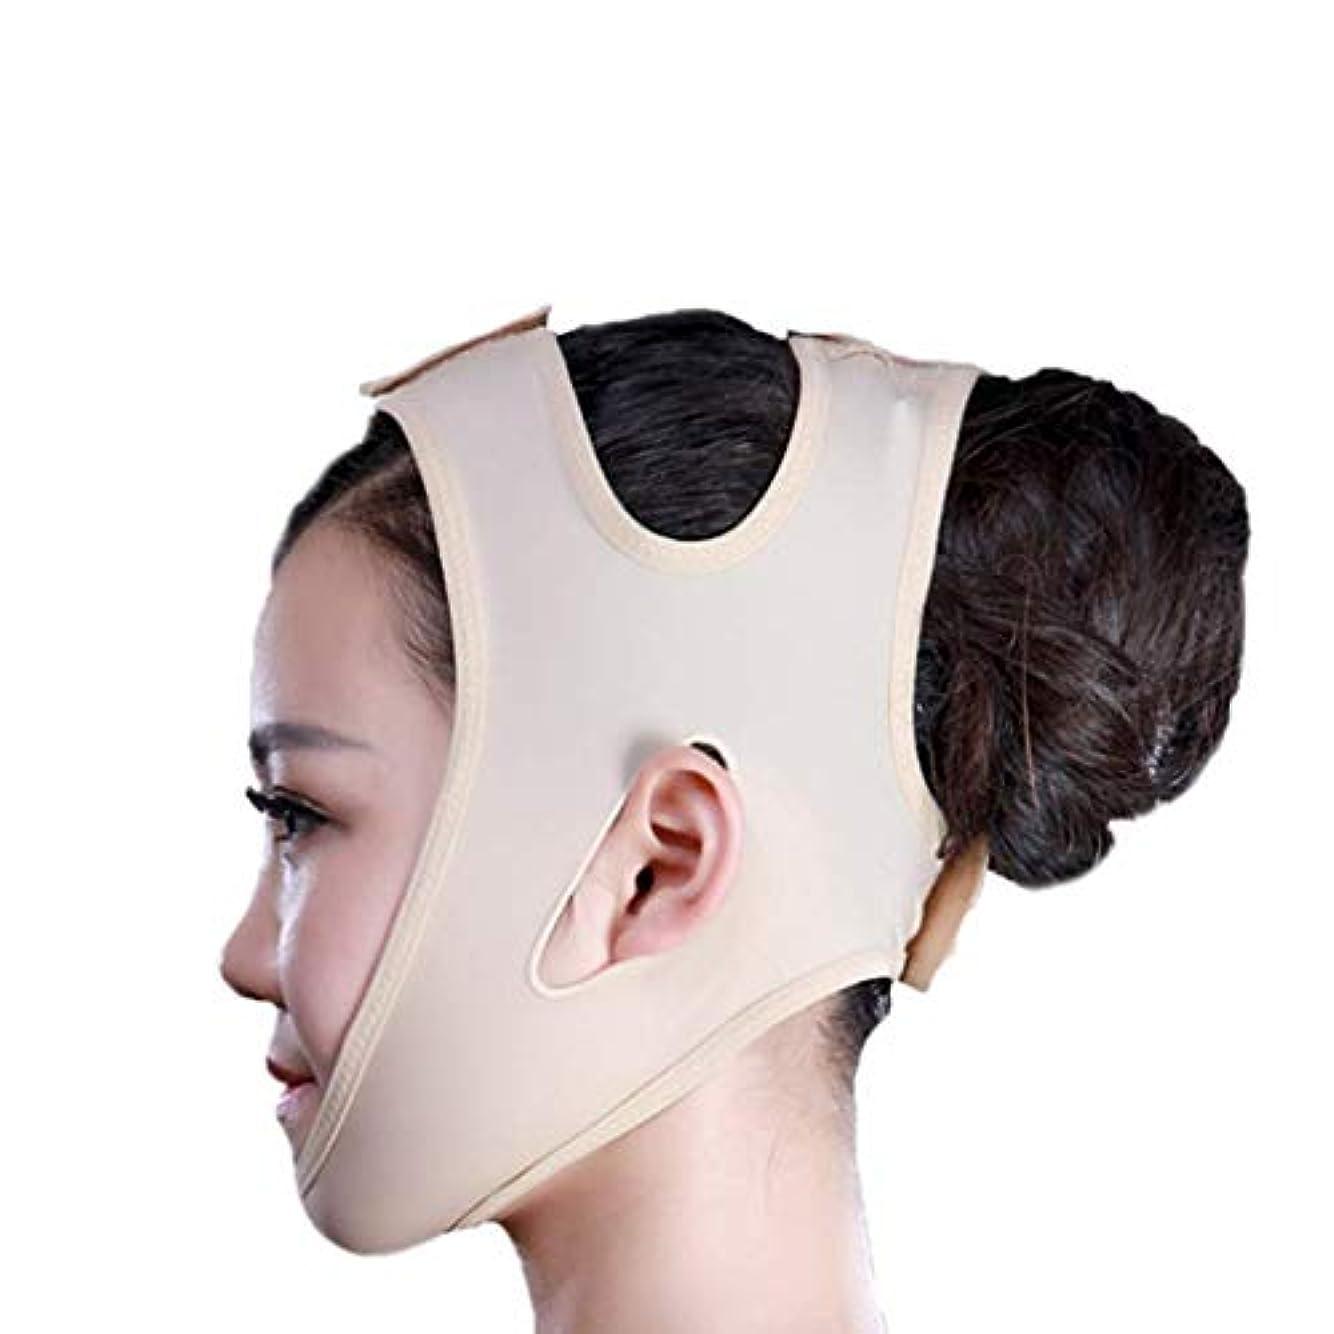 大きさブロッサム刃フェイススリミングマスク、快適さと通気性、フェイシャルリフティング、輪郭の改善された硬さ、ファーミングとリフティングフェイス(カラー:ブラック、サイズ:XL),黄色がかったピンク、L